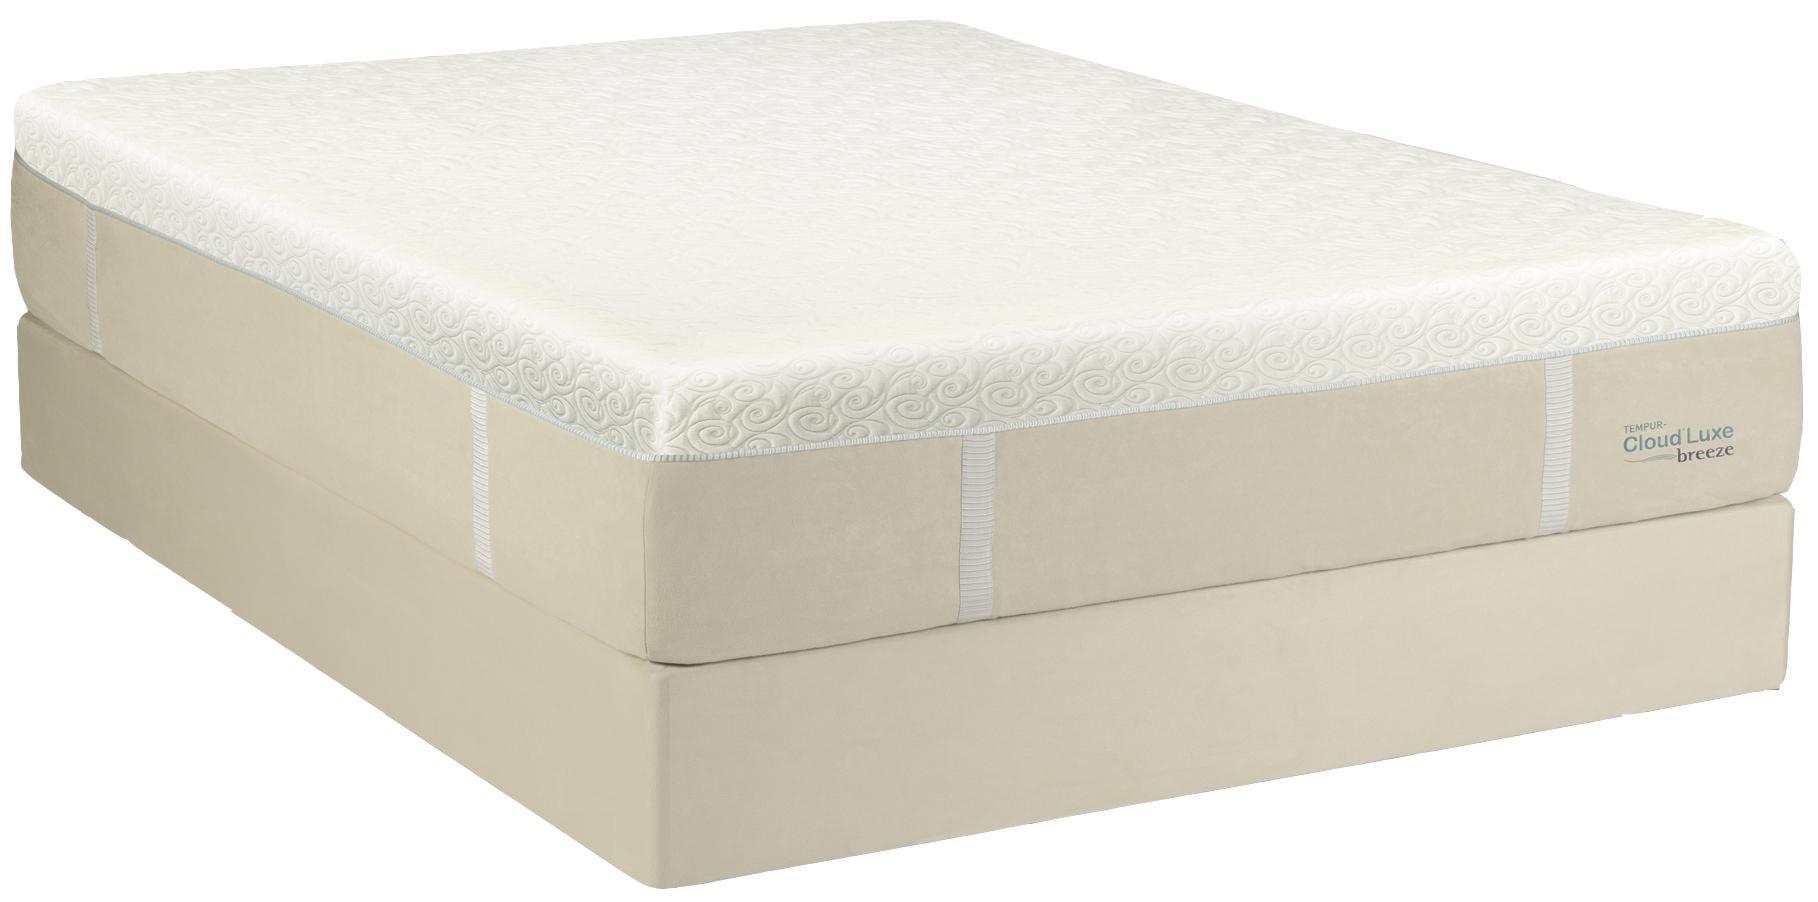 Tempur Pedic TEMPUR Cloud Luxe Breeze Queen Ultra Soft